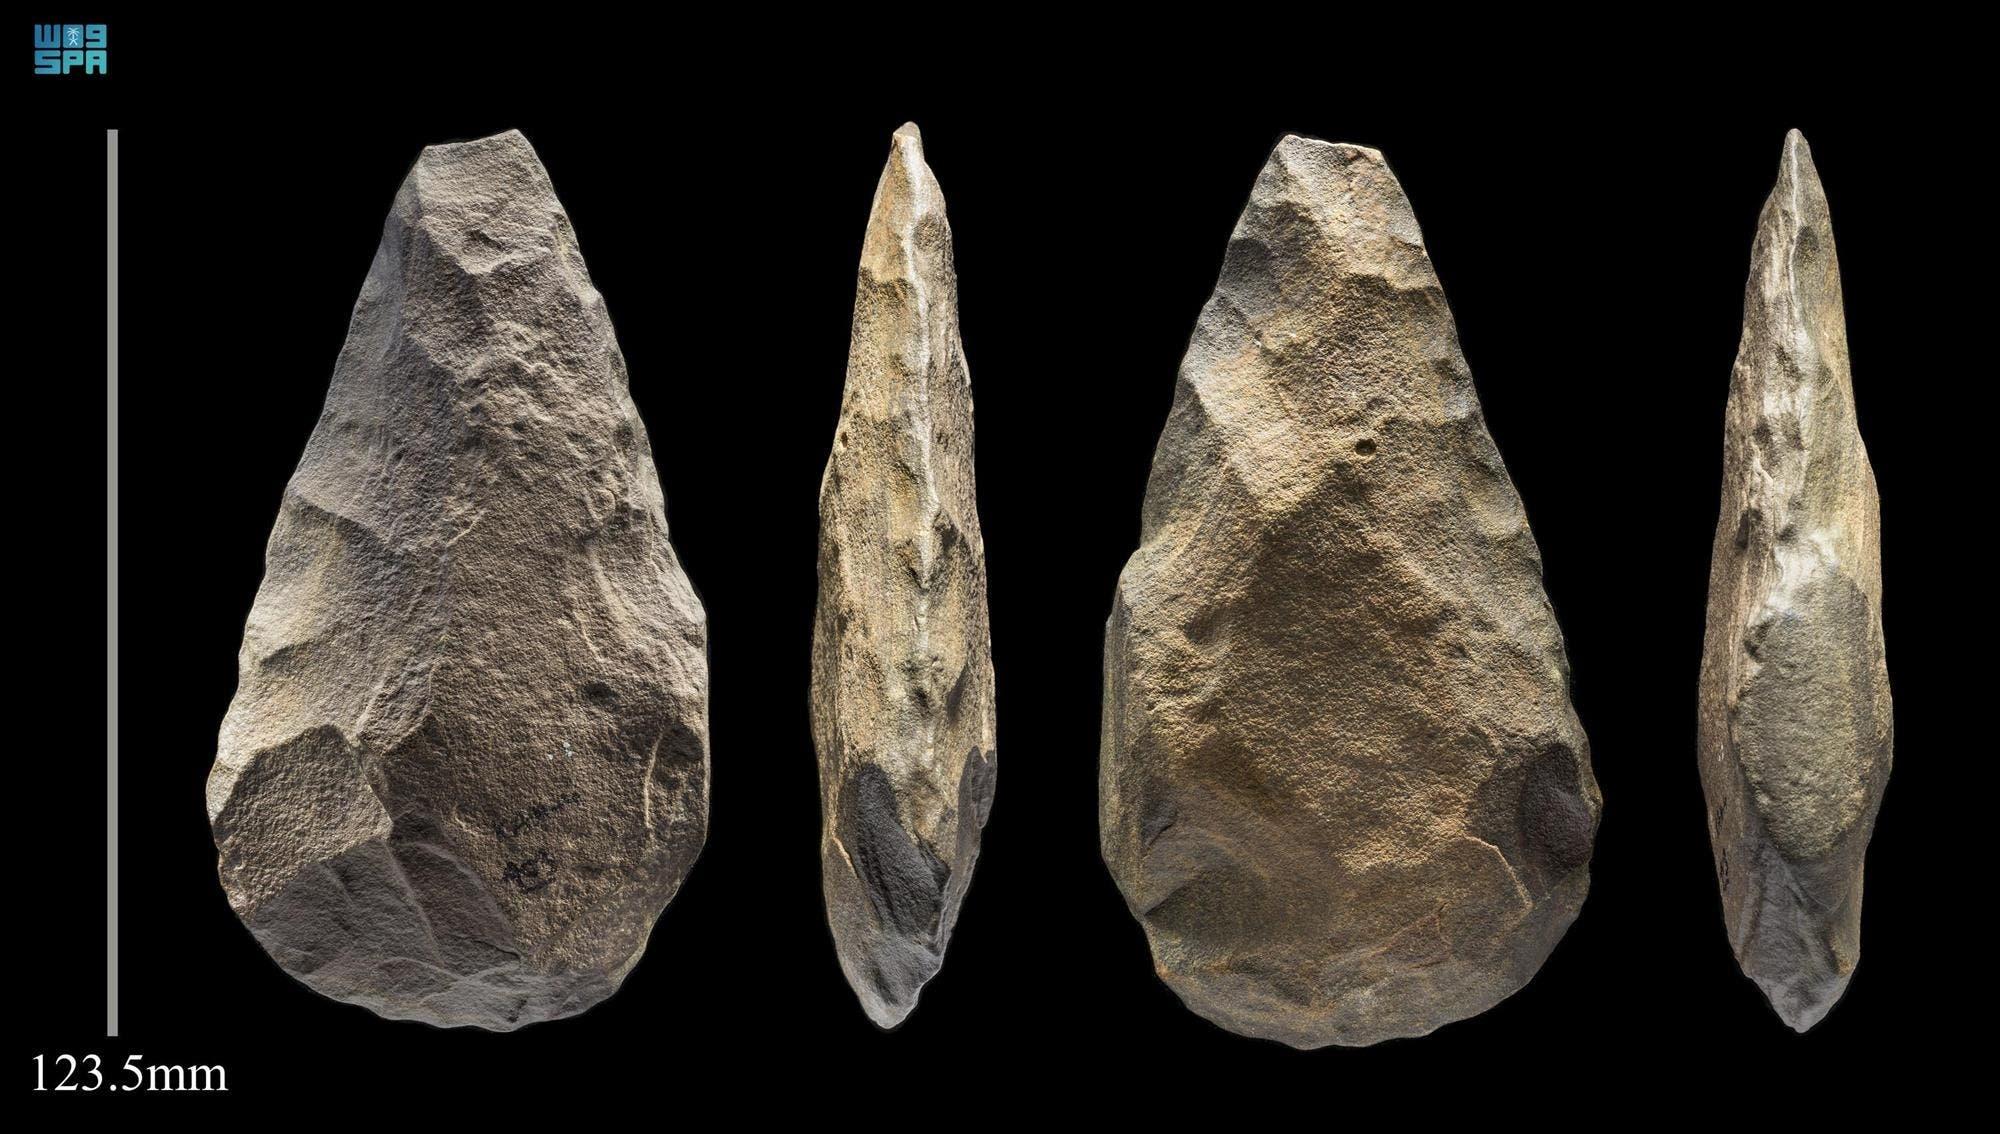 الصناعات الحجرية المكتشفة